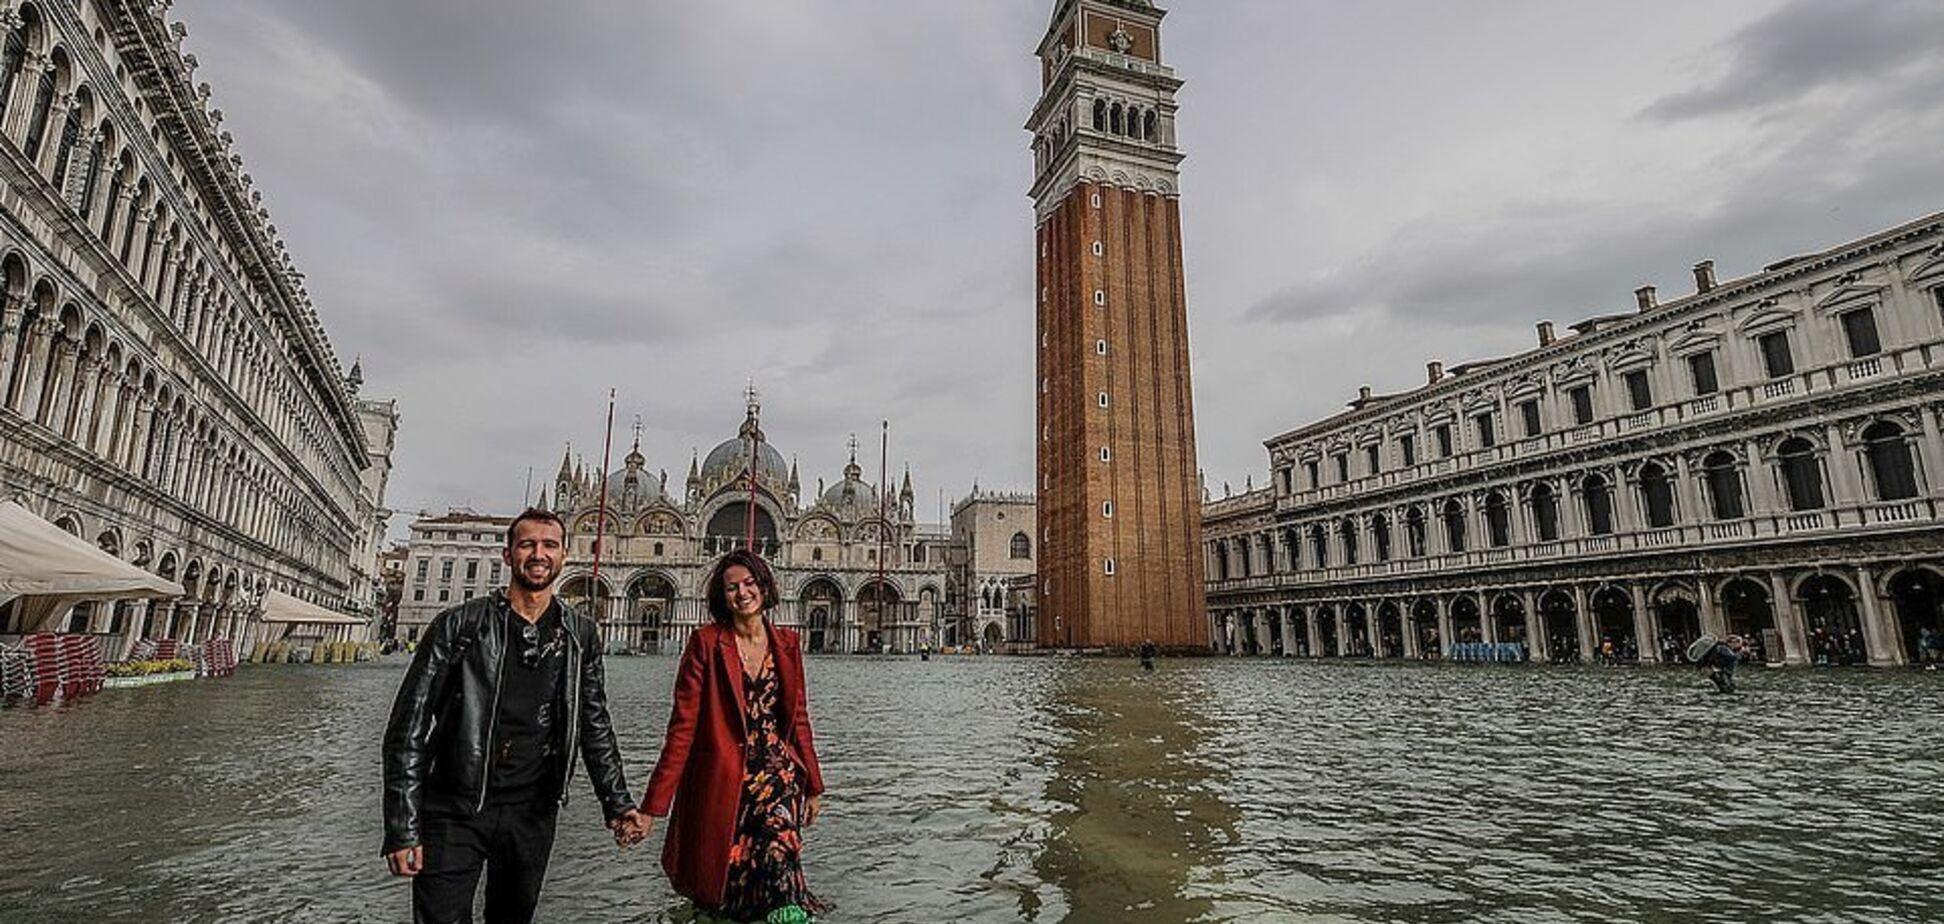 'Море по коліна': як живе затоплена Венеція. Фоторепортаж